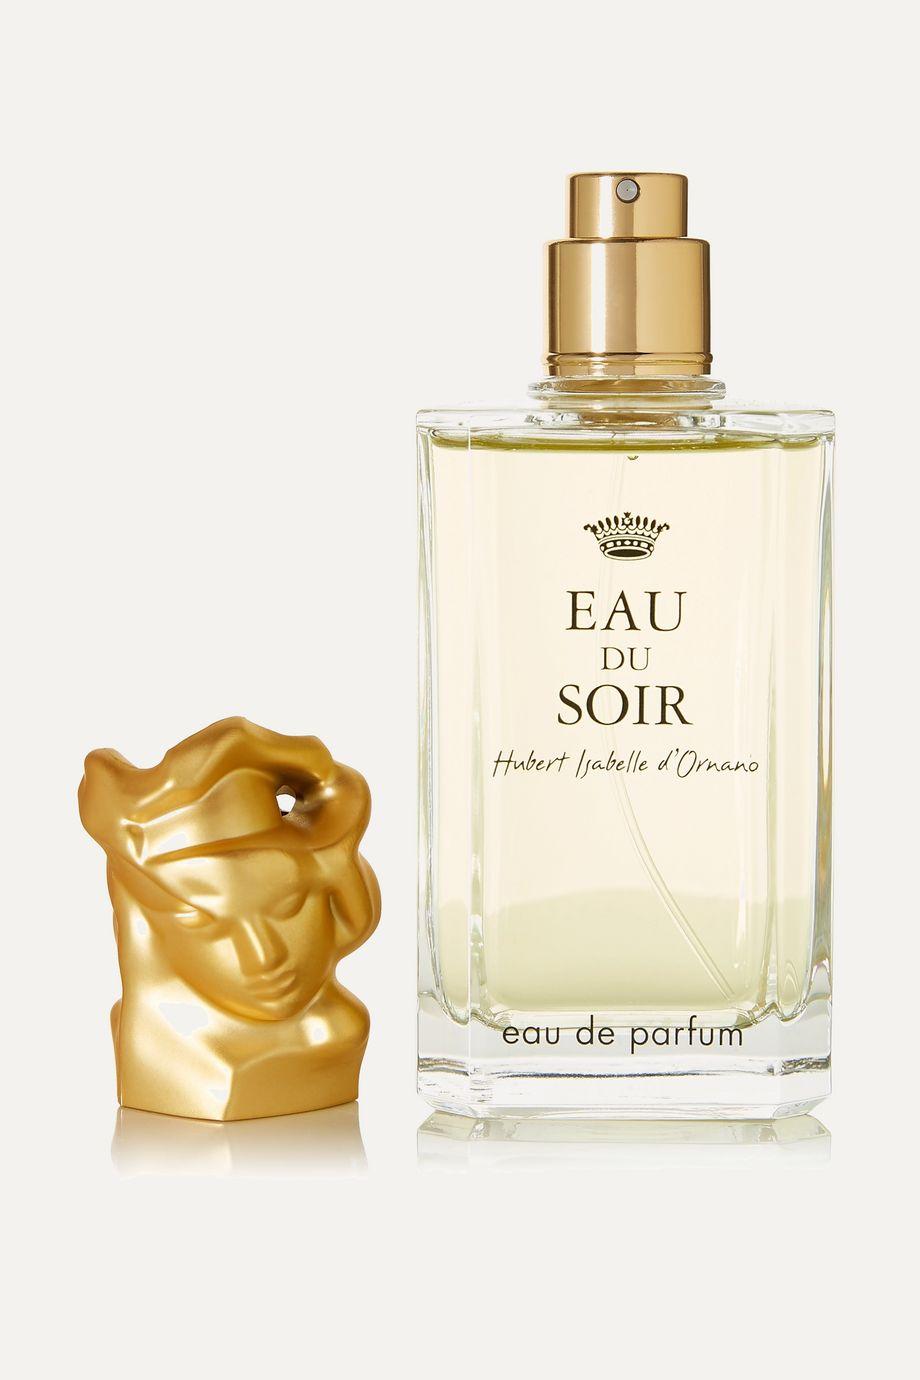 Sisley Eau du Soir Eau de Parfum - Grapefruit and Mandarin Orange, 100ml